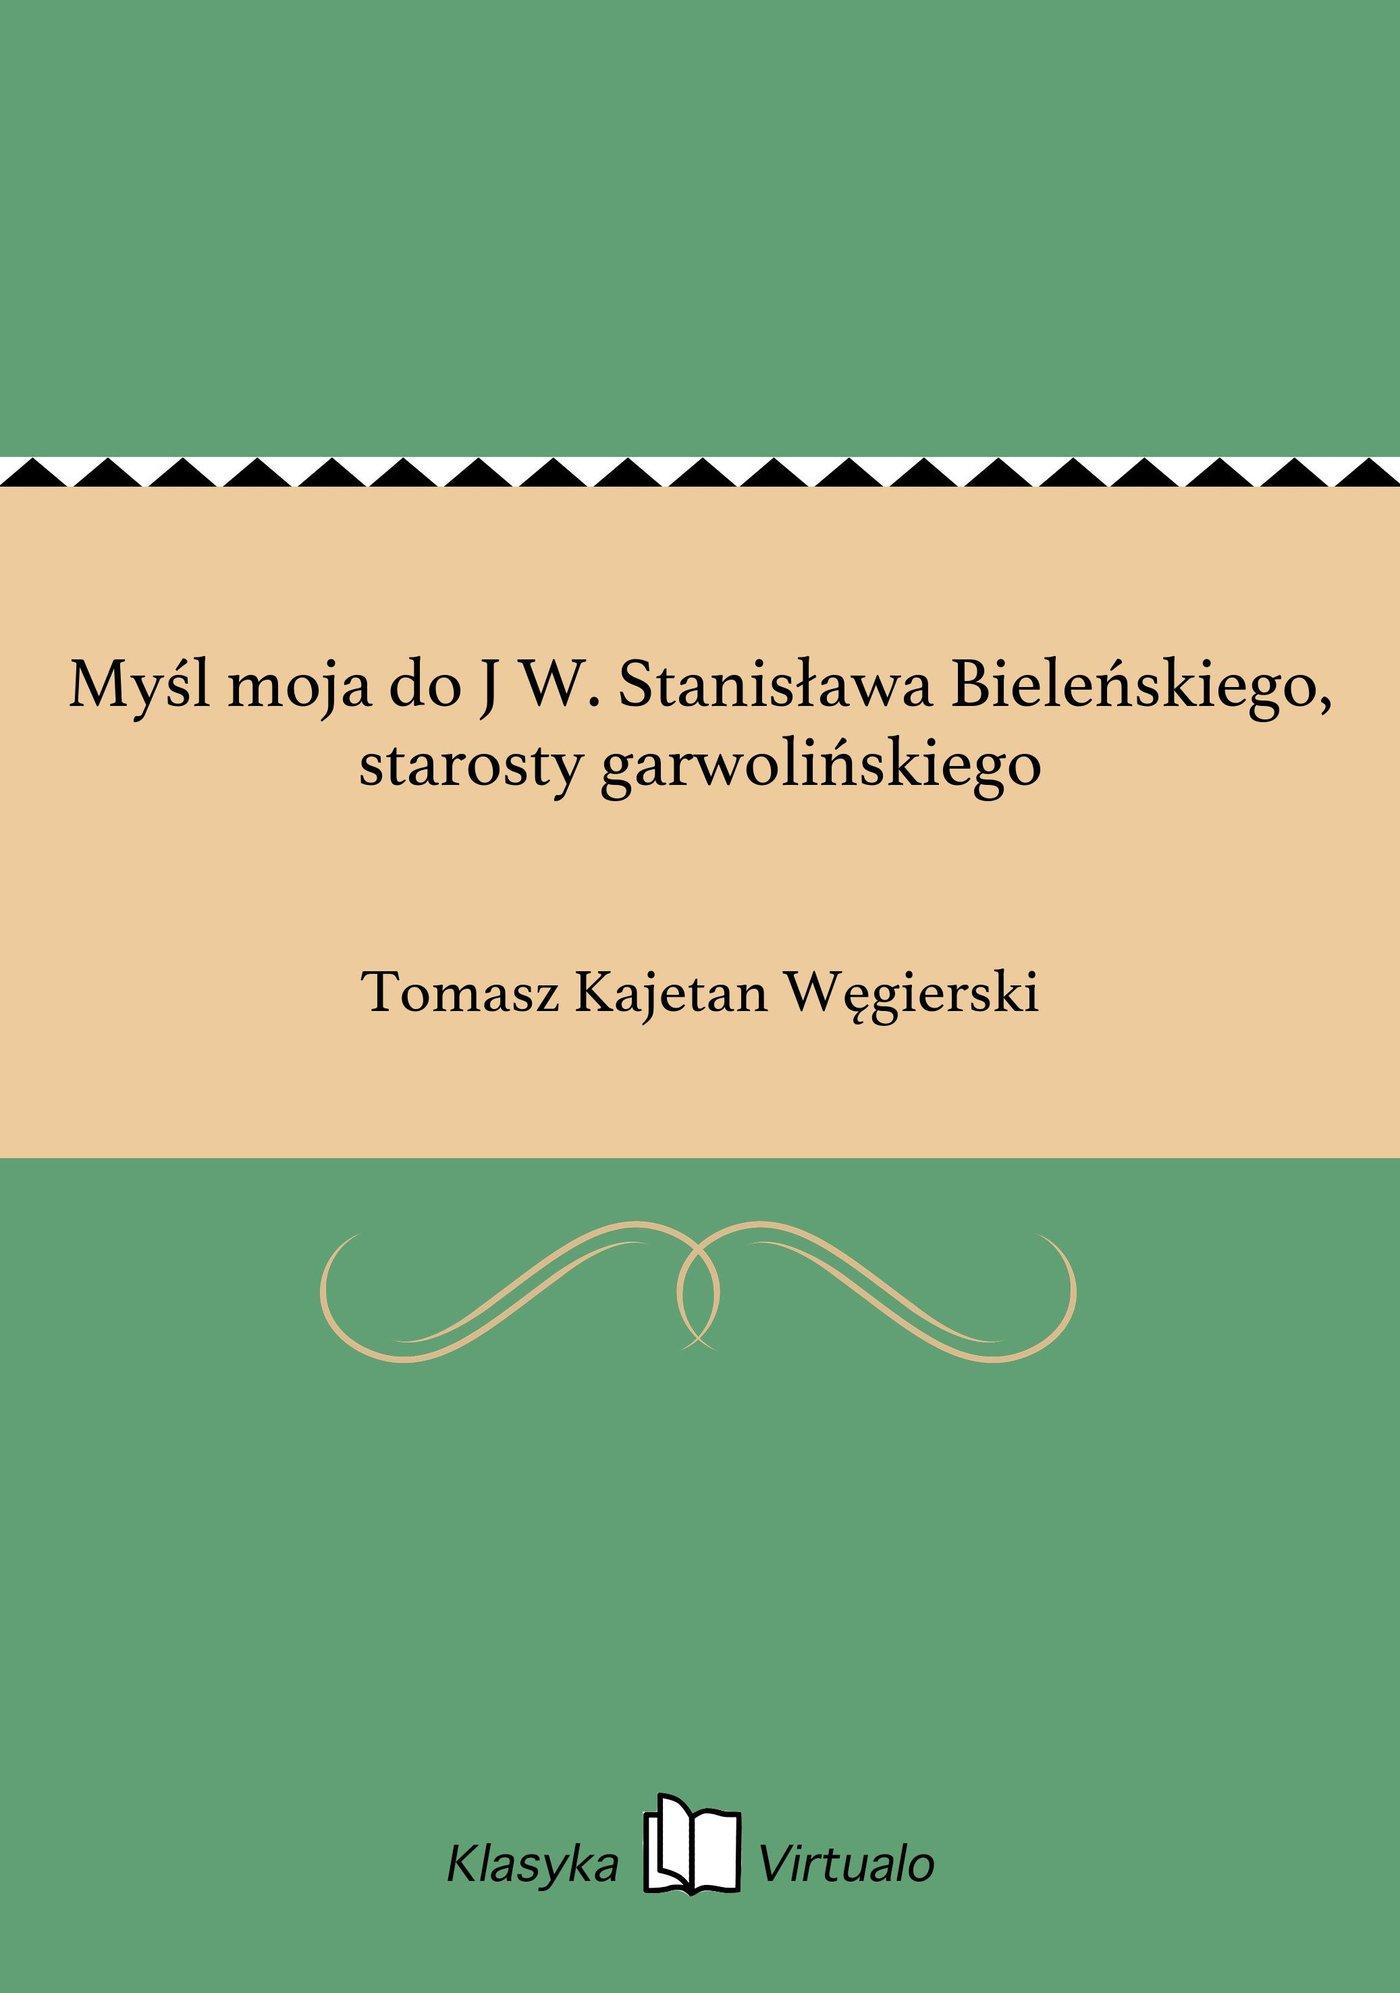 Myśl moja do J W. Stanisława Bieleńskiego, starosty garwolińskiego - Ebook (Książka EPUB) do pobrania w formacie EPUB